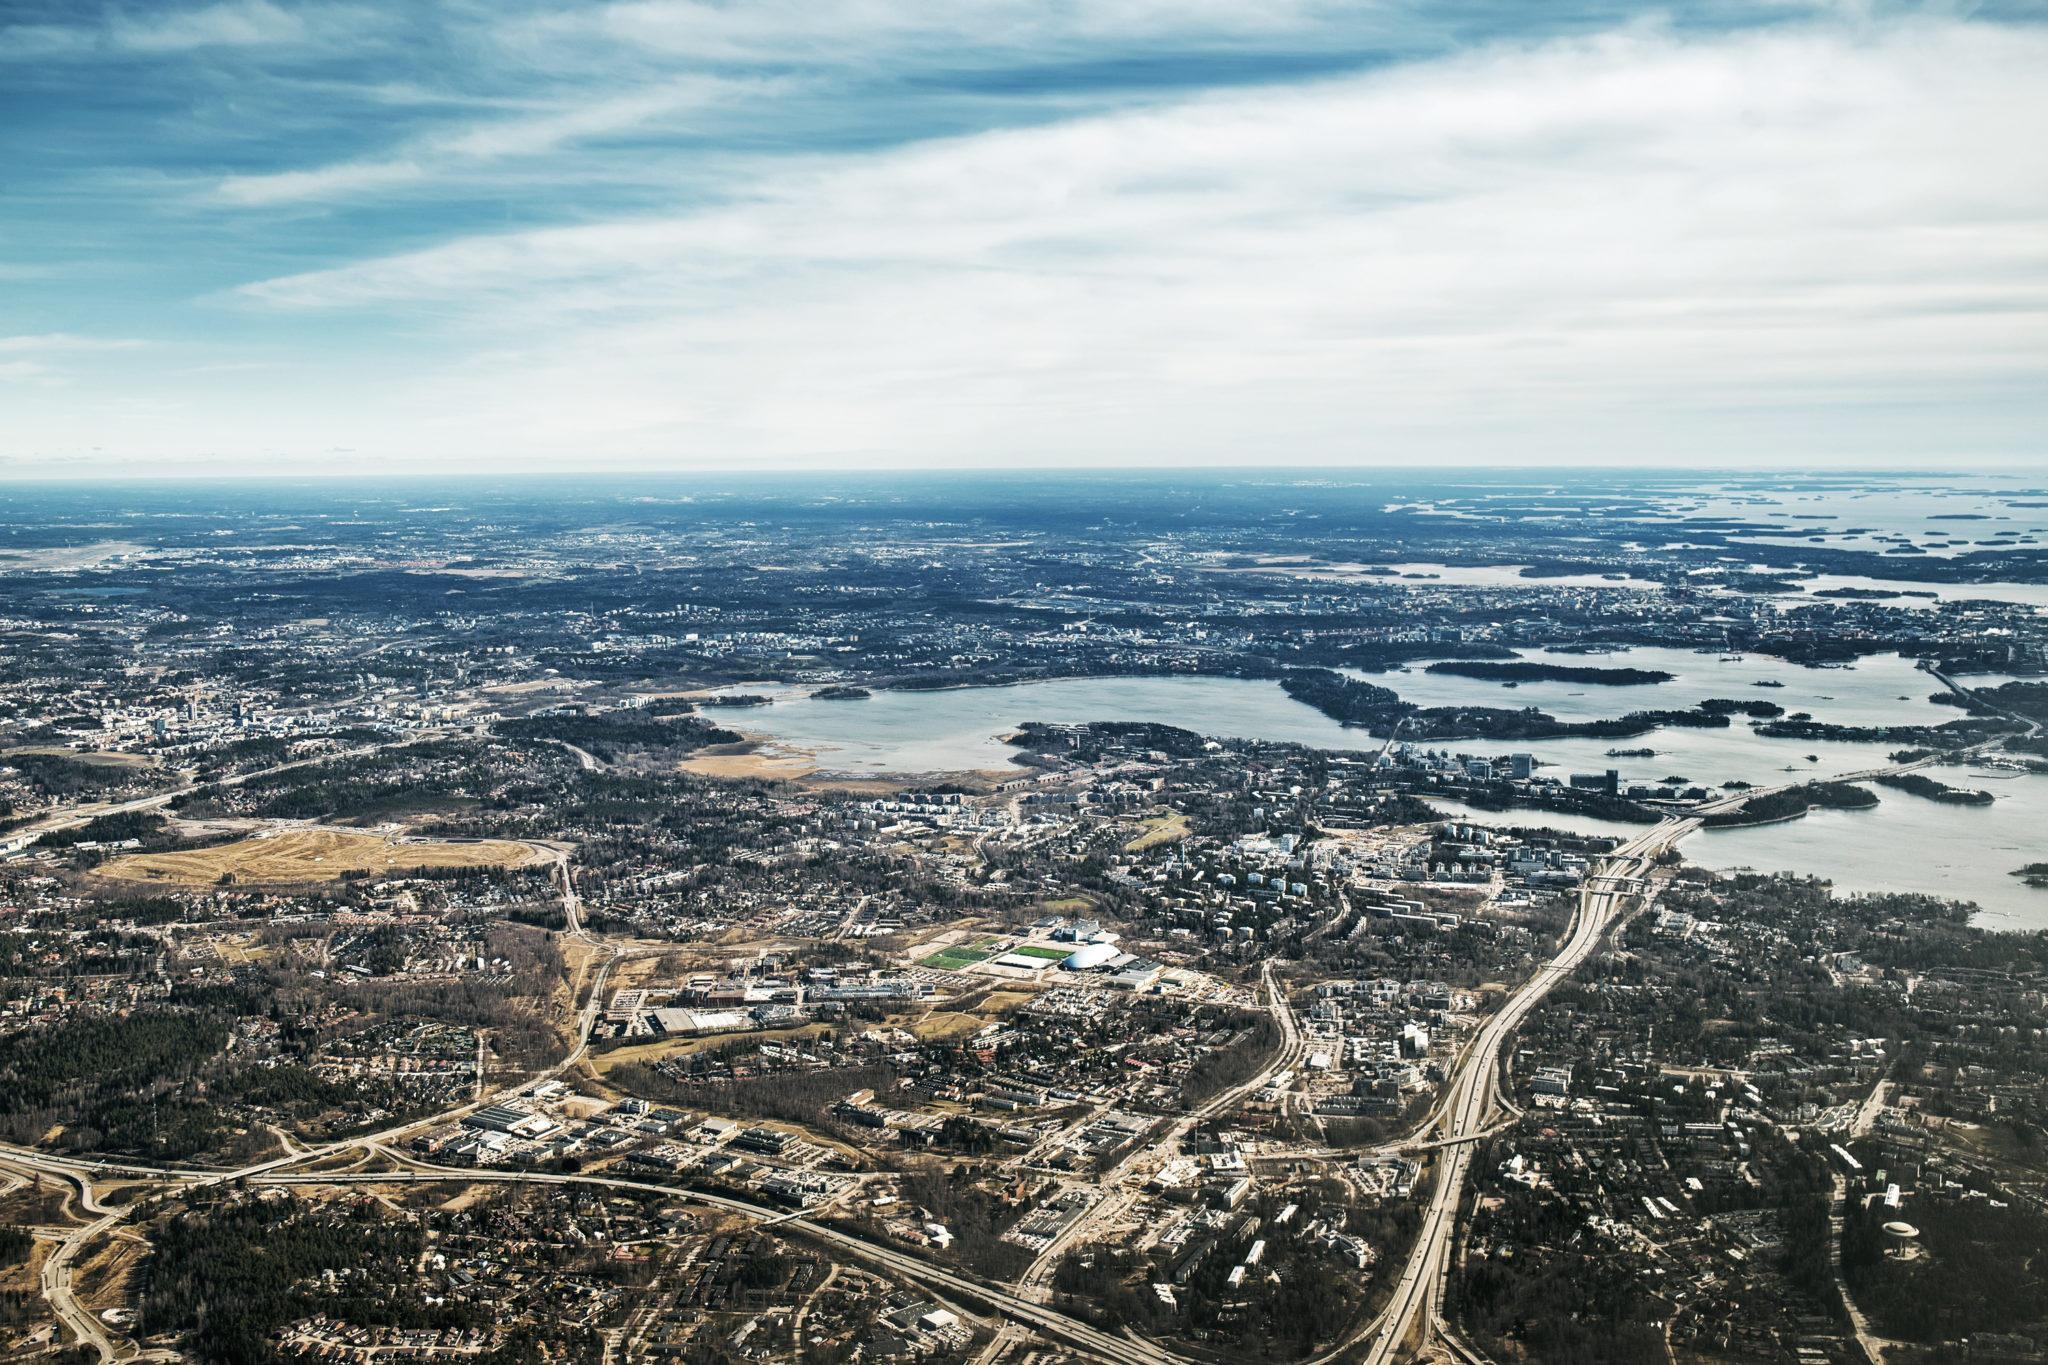 Viimeisimmät artikkelit vähittäiskaupasta ja kaupunkisuunnittelusta